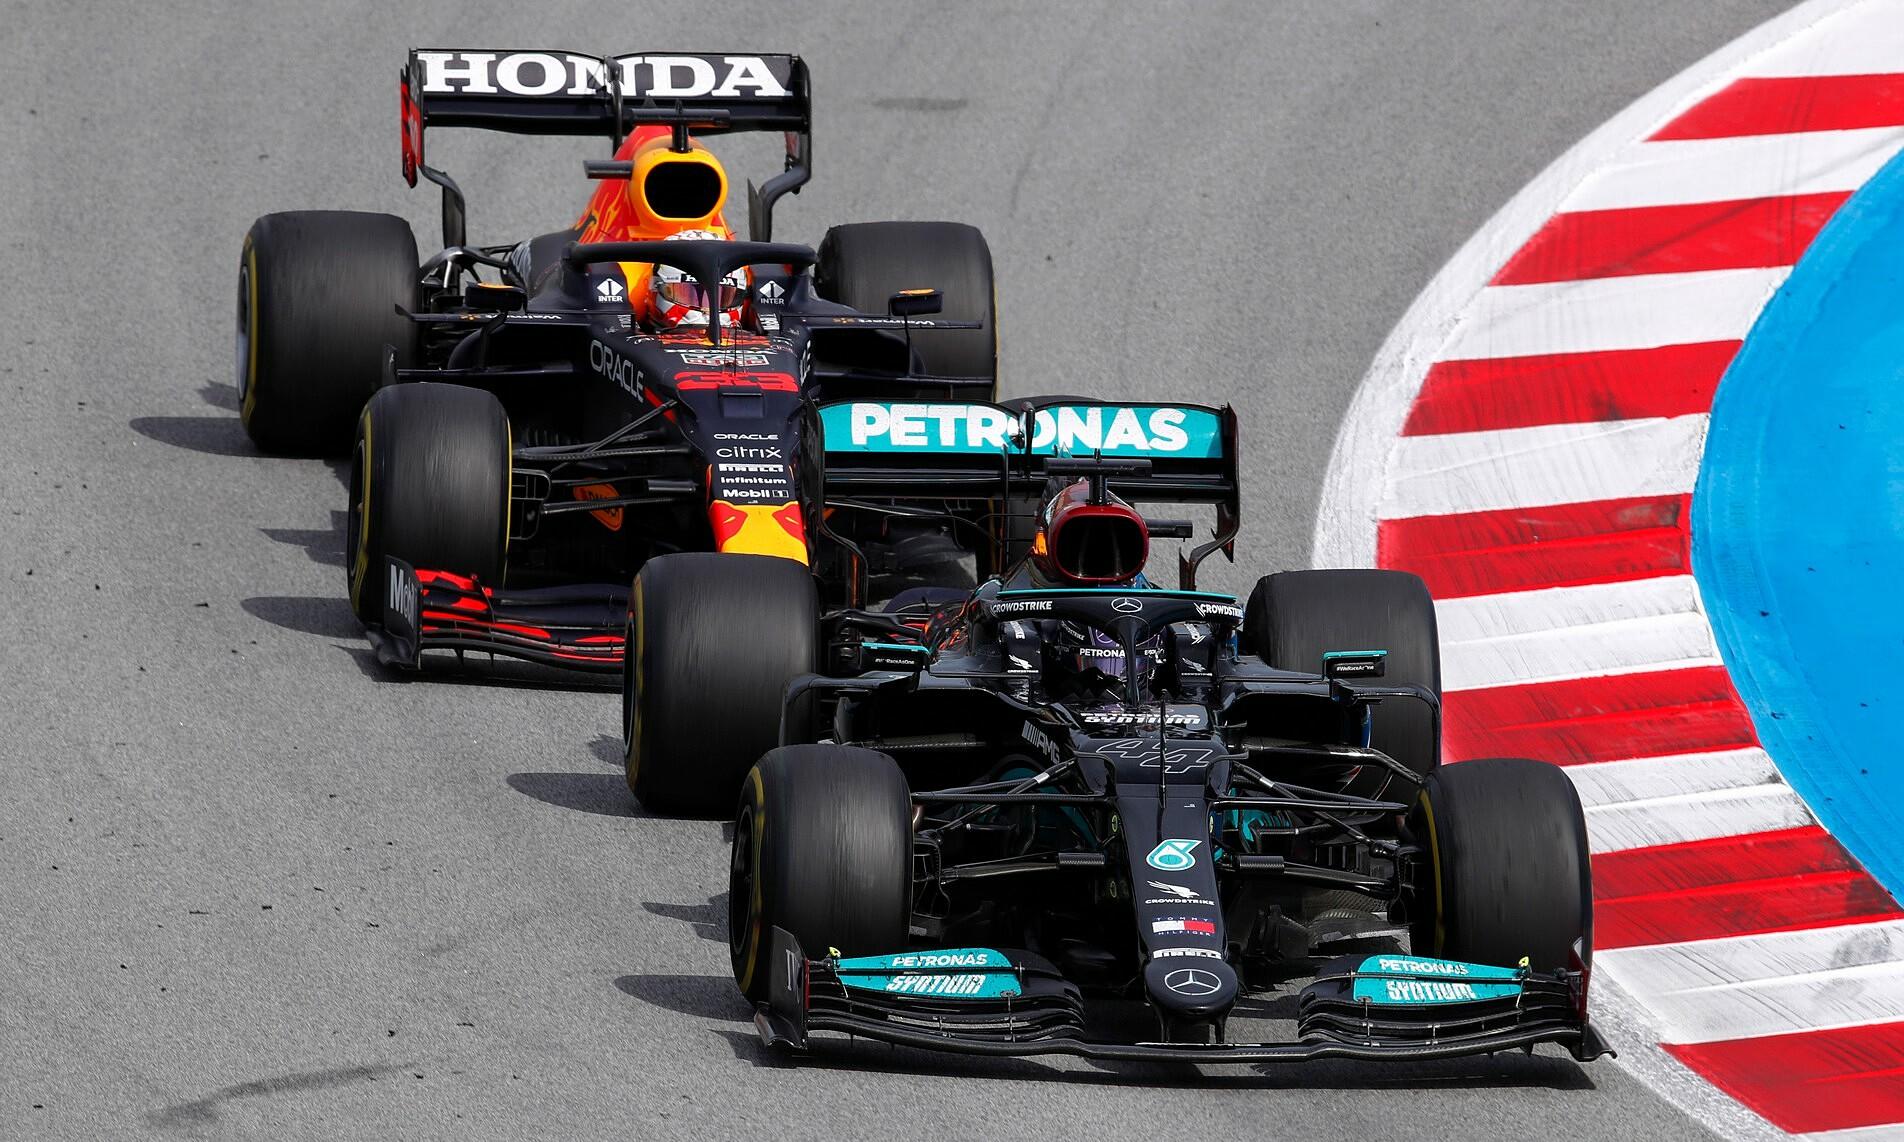 Chiến thuật 2 pit là lựa chọn chính xác, giúp Hamilton và Mercedes đánh bại Verstappen và Red Bull tại Catalunya hôm 9/5. Ảnh: Racefan.net